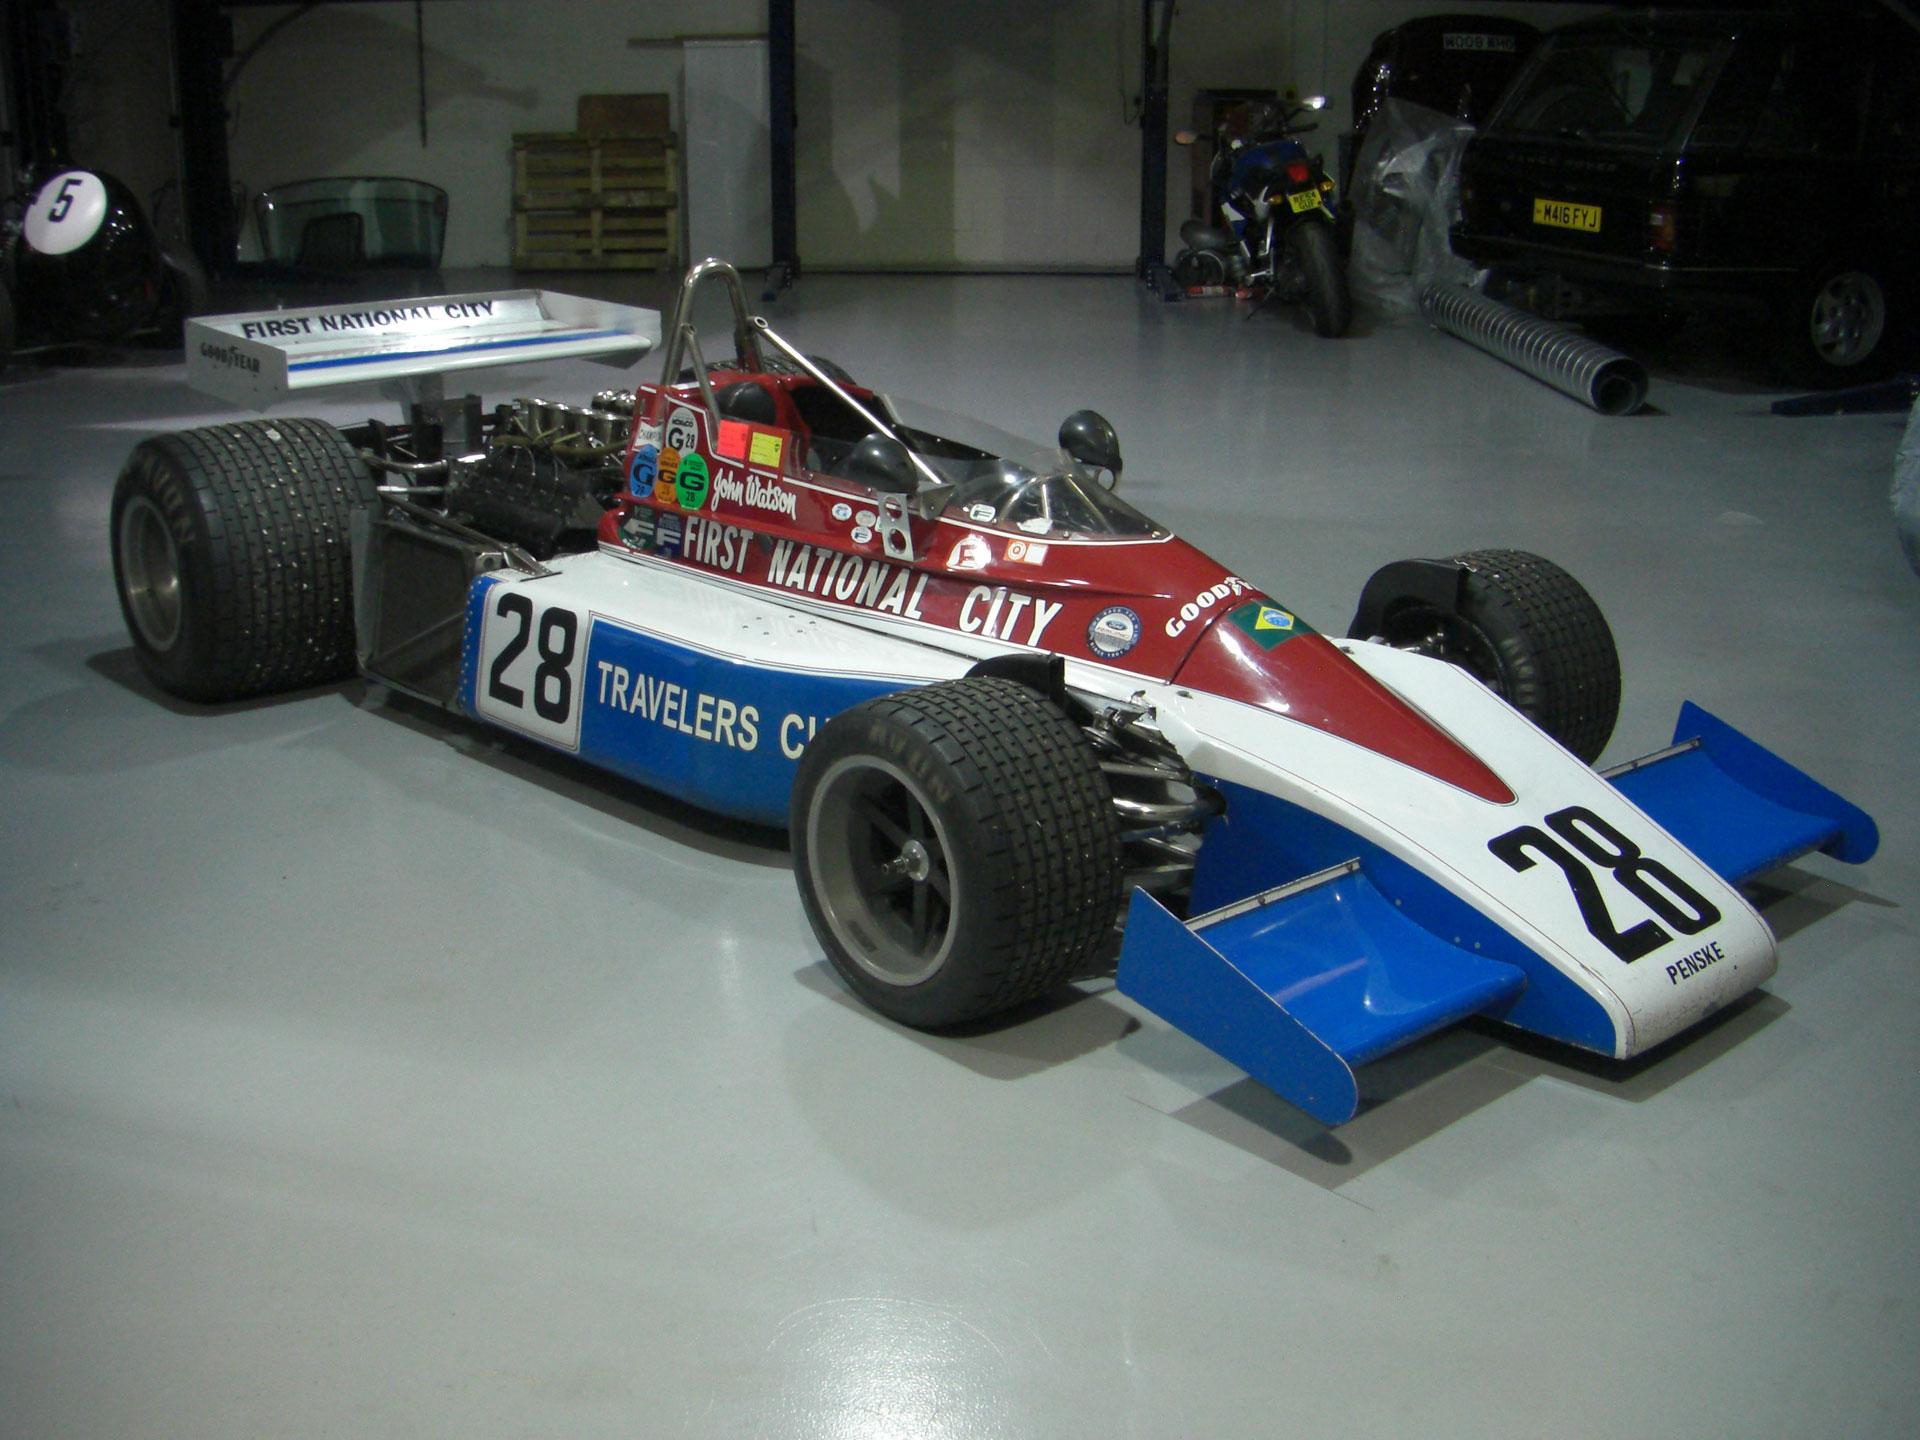 1976 penske pc3 formula 1 car for sale 01420474411 lca. Black Bedroom Furniture Sets. Home Design Ideas